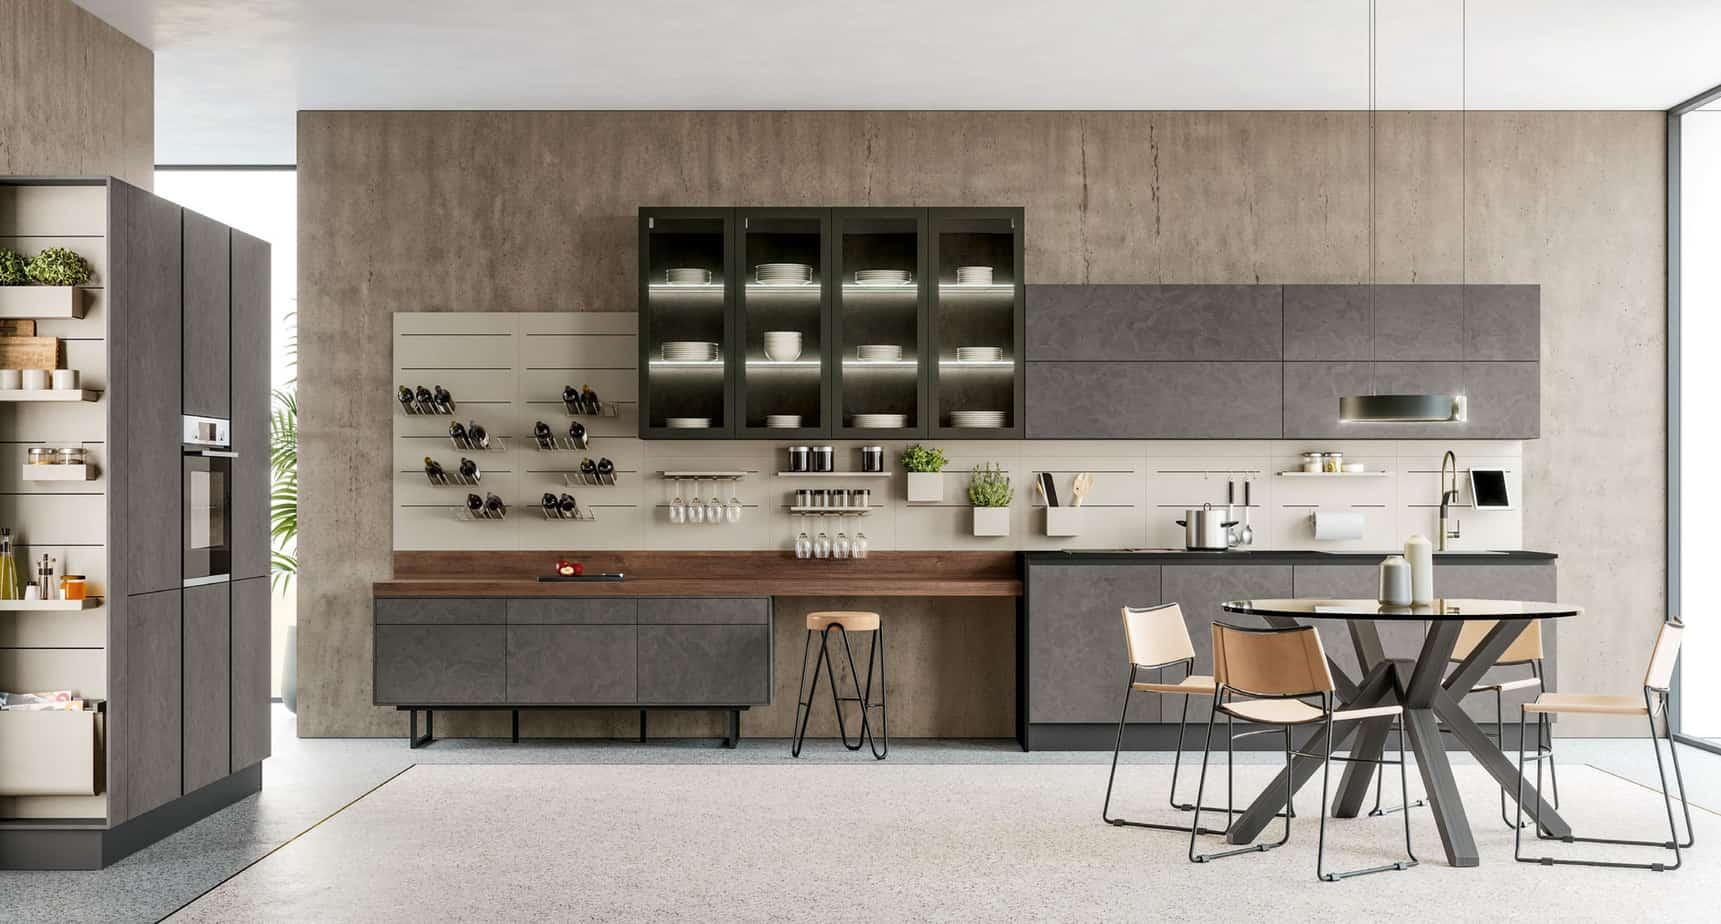 kitchen design 2021 best styles and ideas